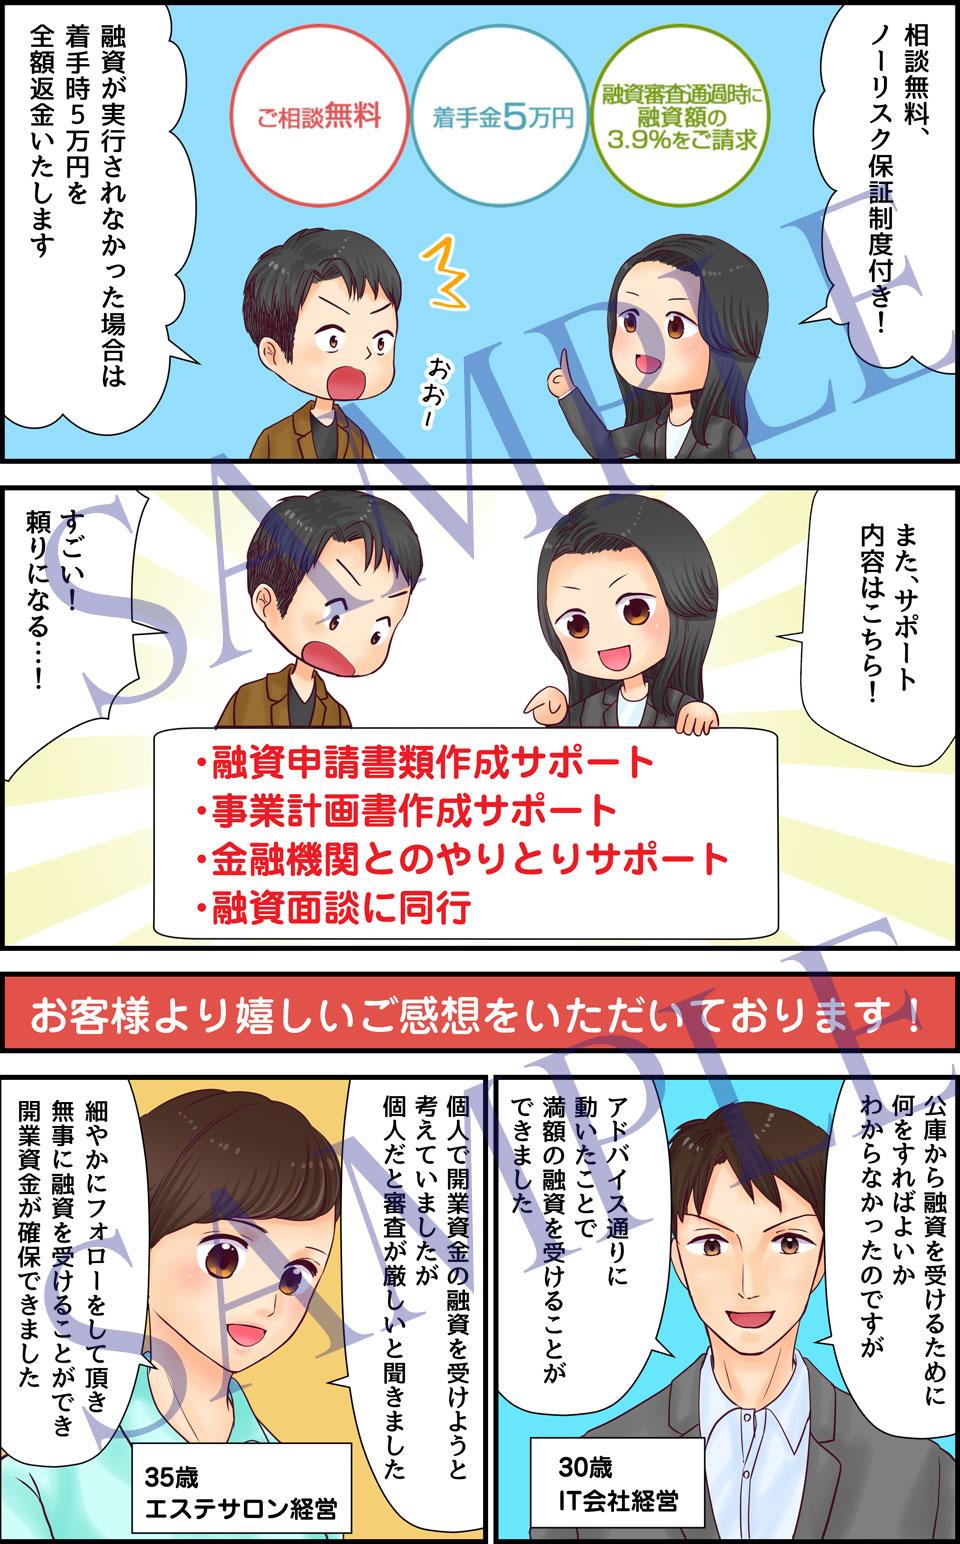 さむらい行政書士法人様漫画02